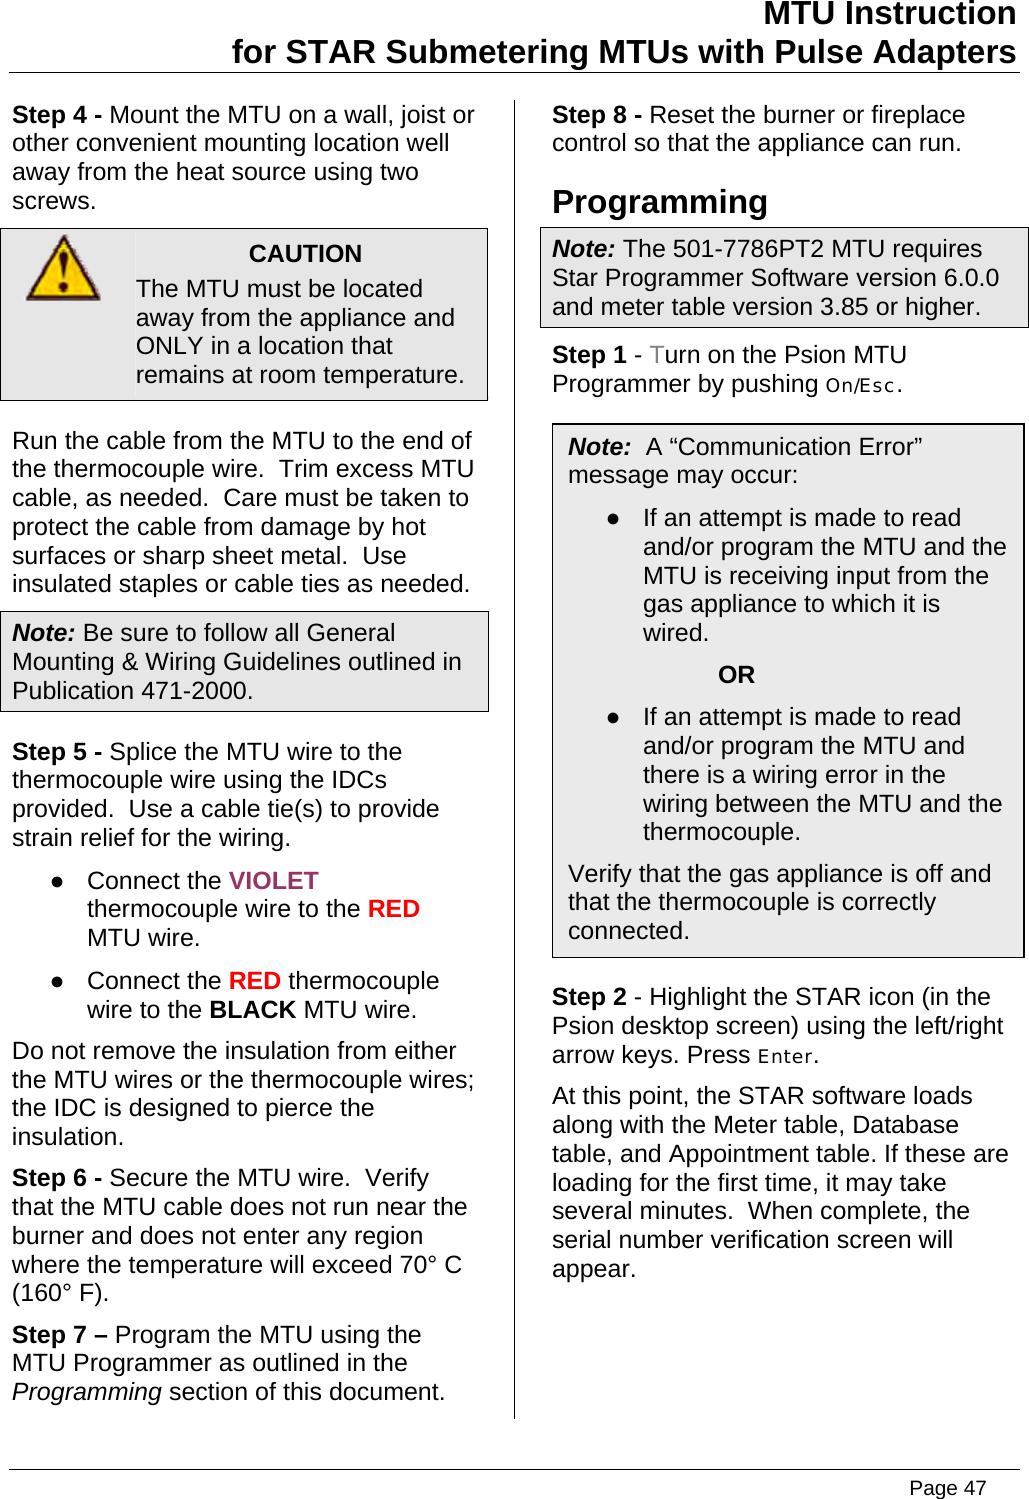 Aclara Technologies 09014 TRANSMITTER FOR METER READING User